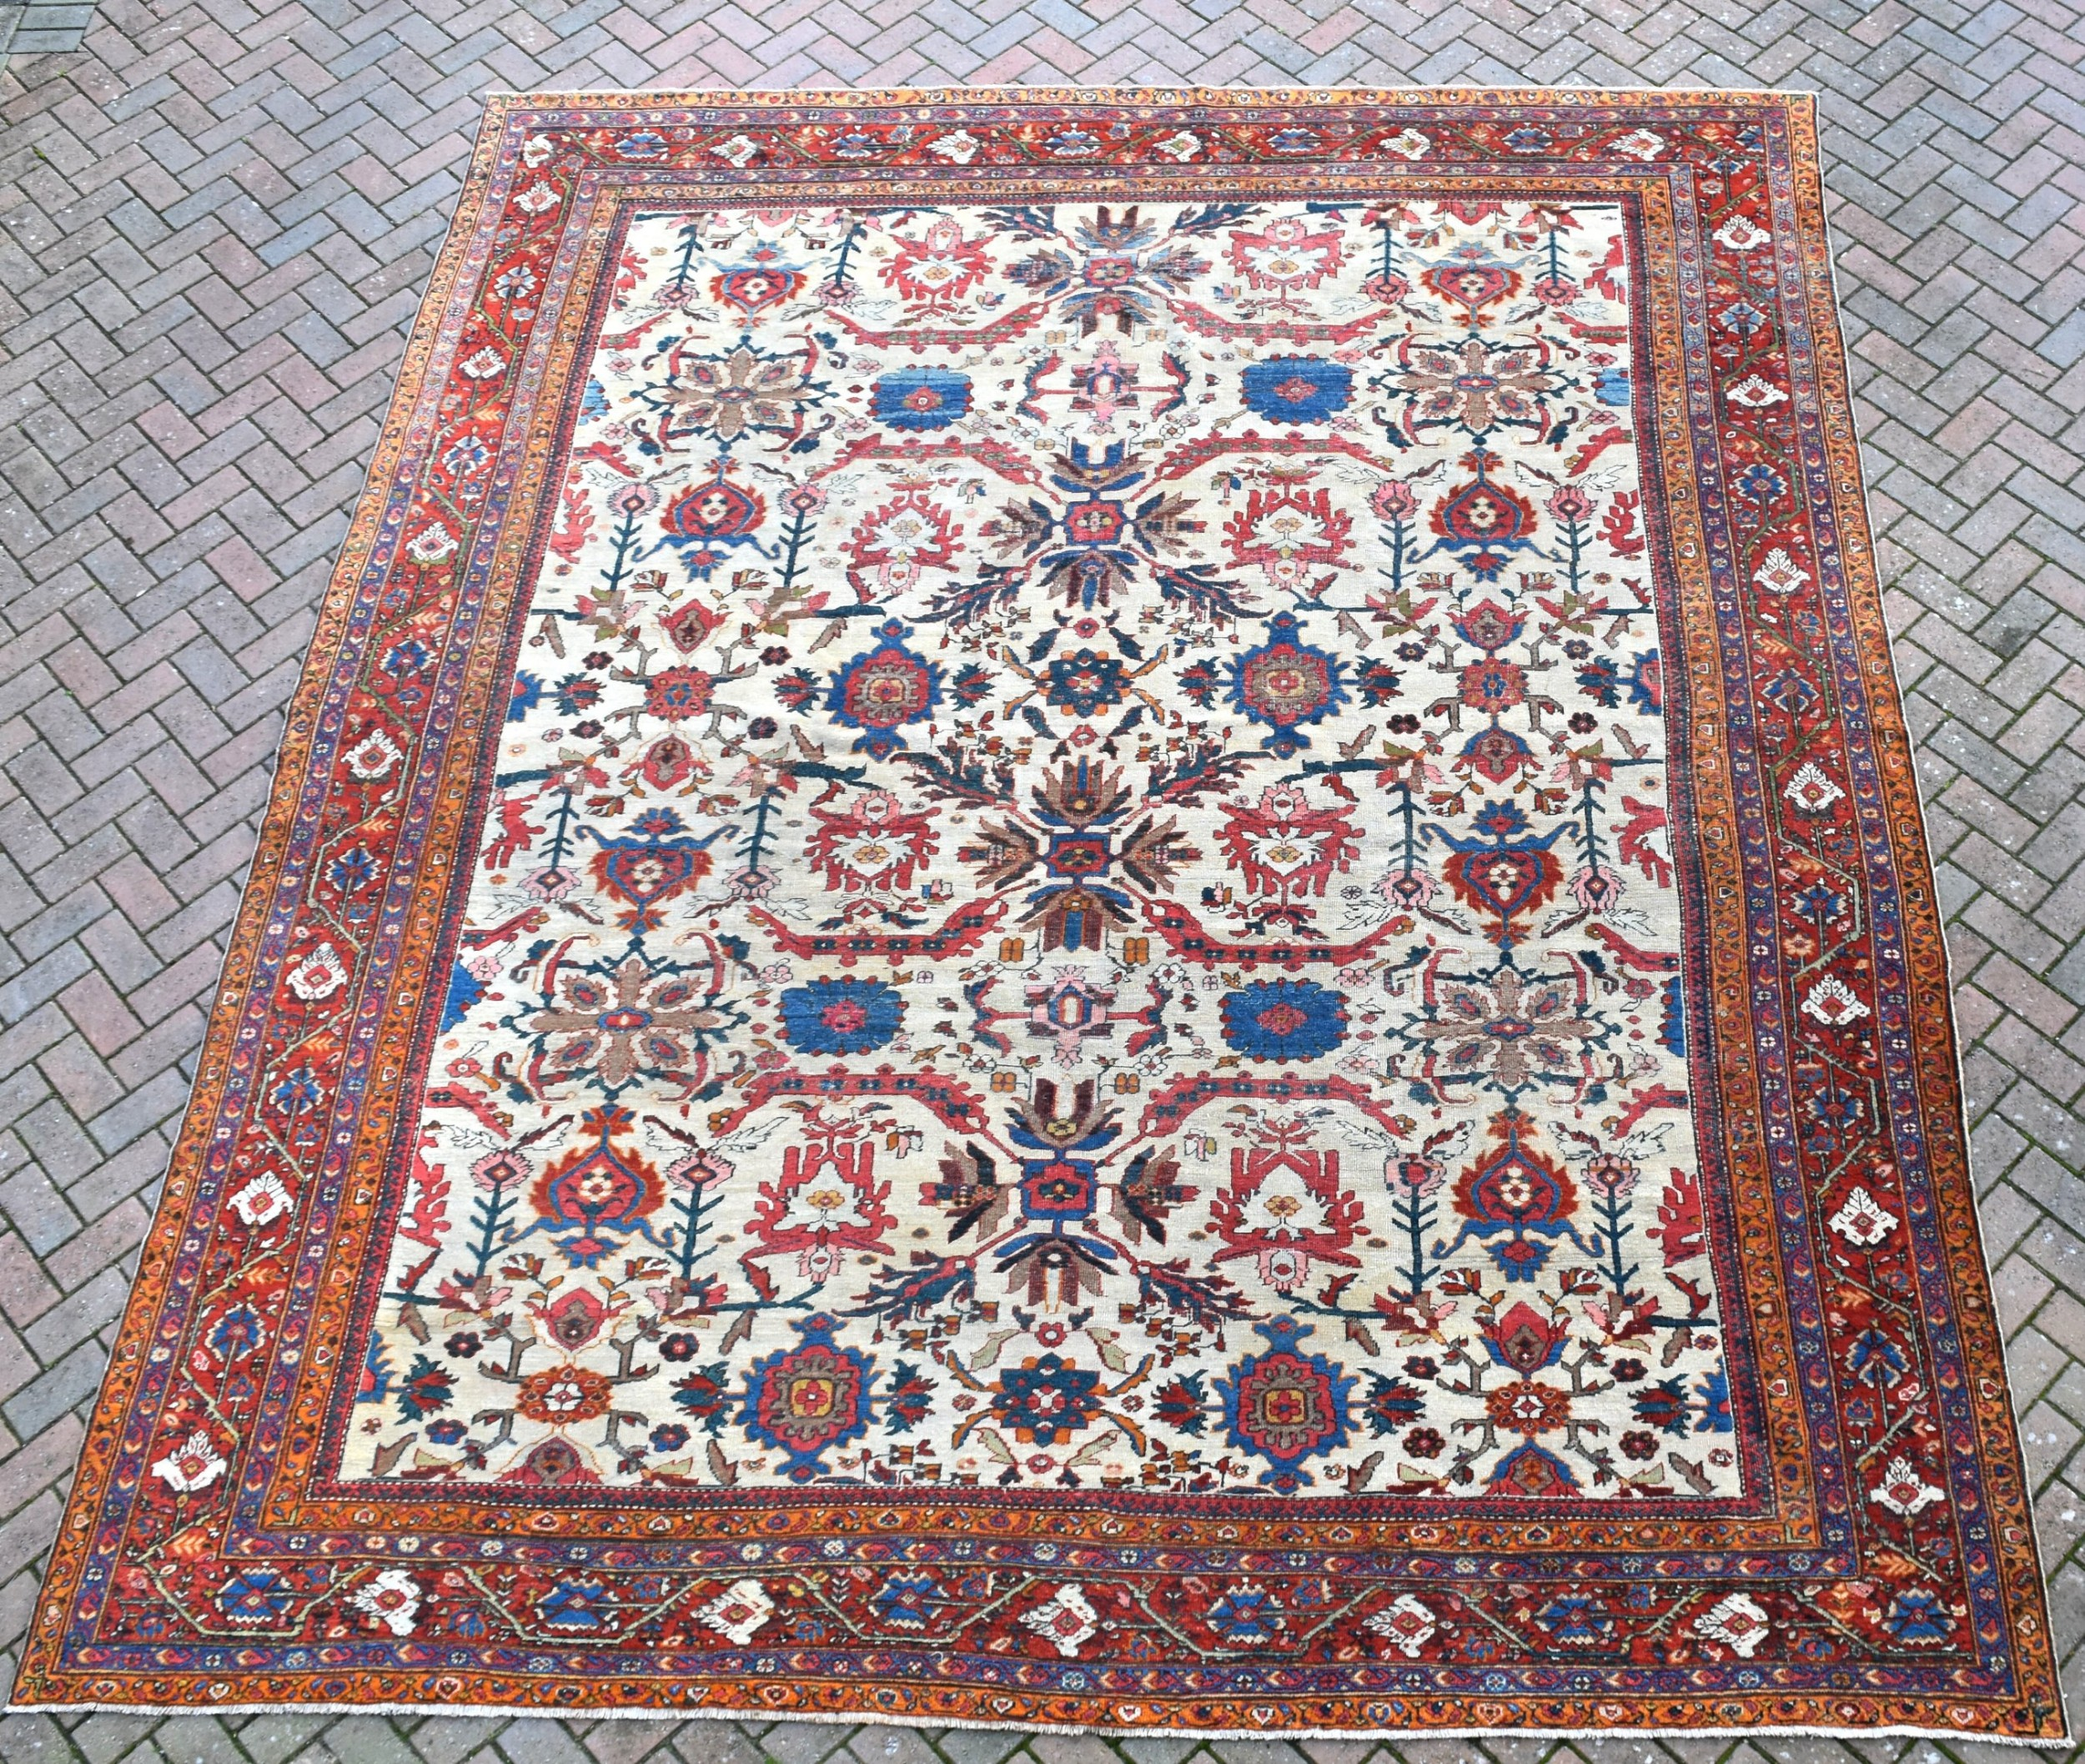 a fine antique mahal carpet 402 x 303cm